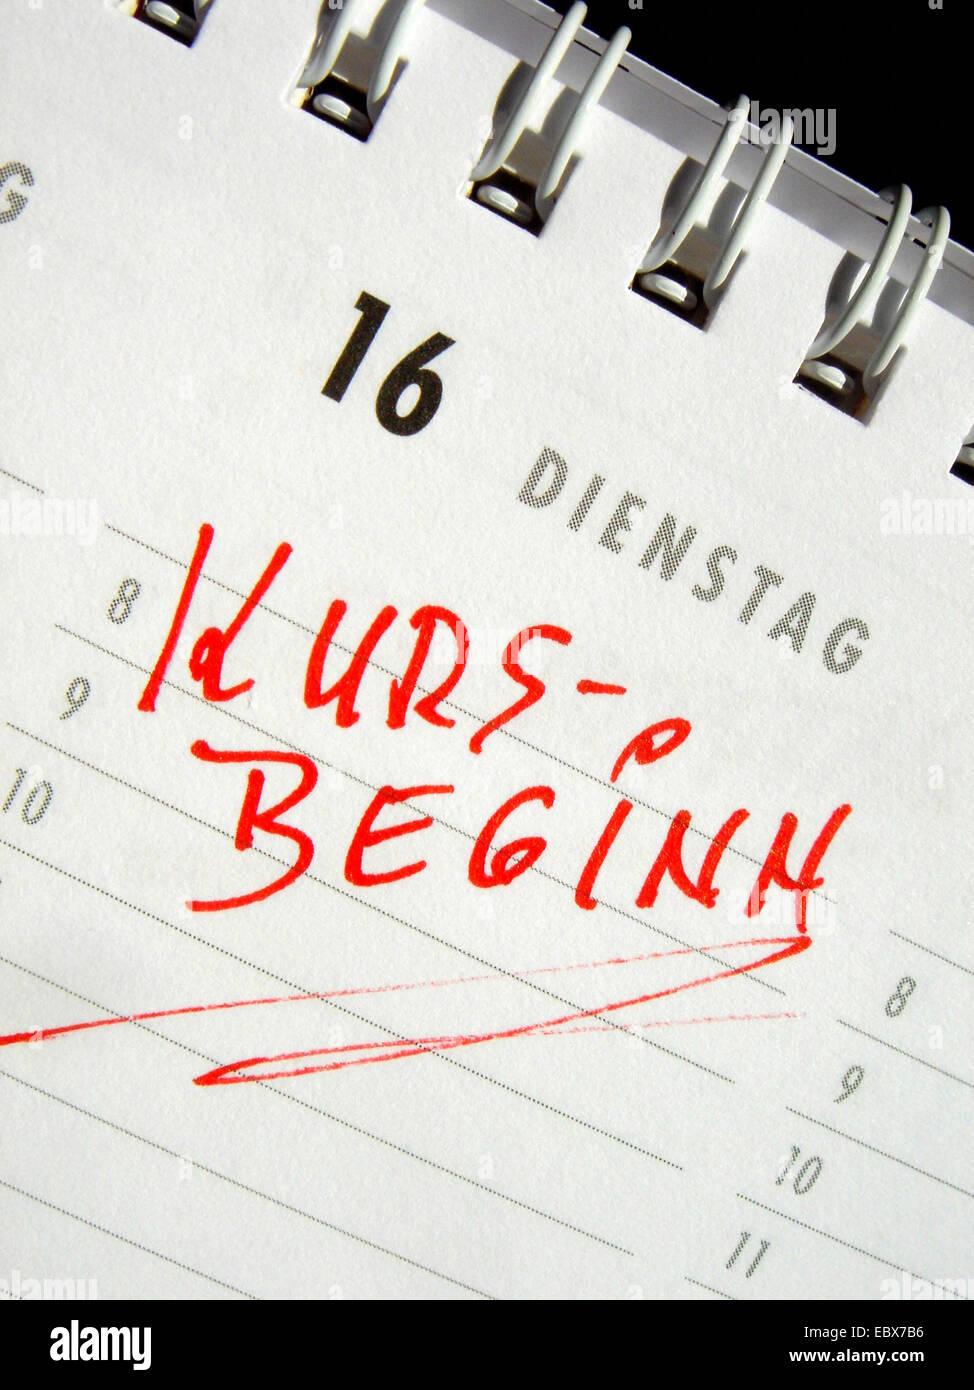 Kursbeginn - Kalender-Eintrag Stockbild